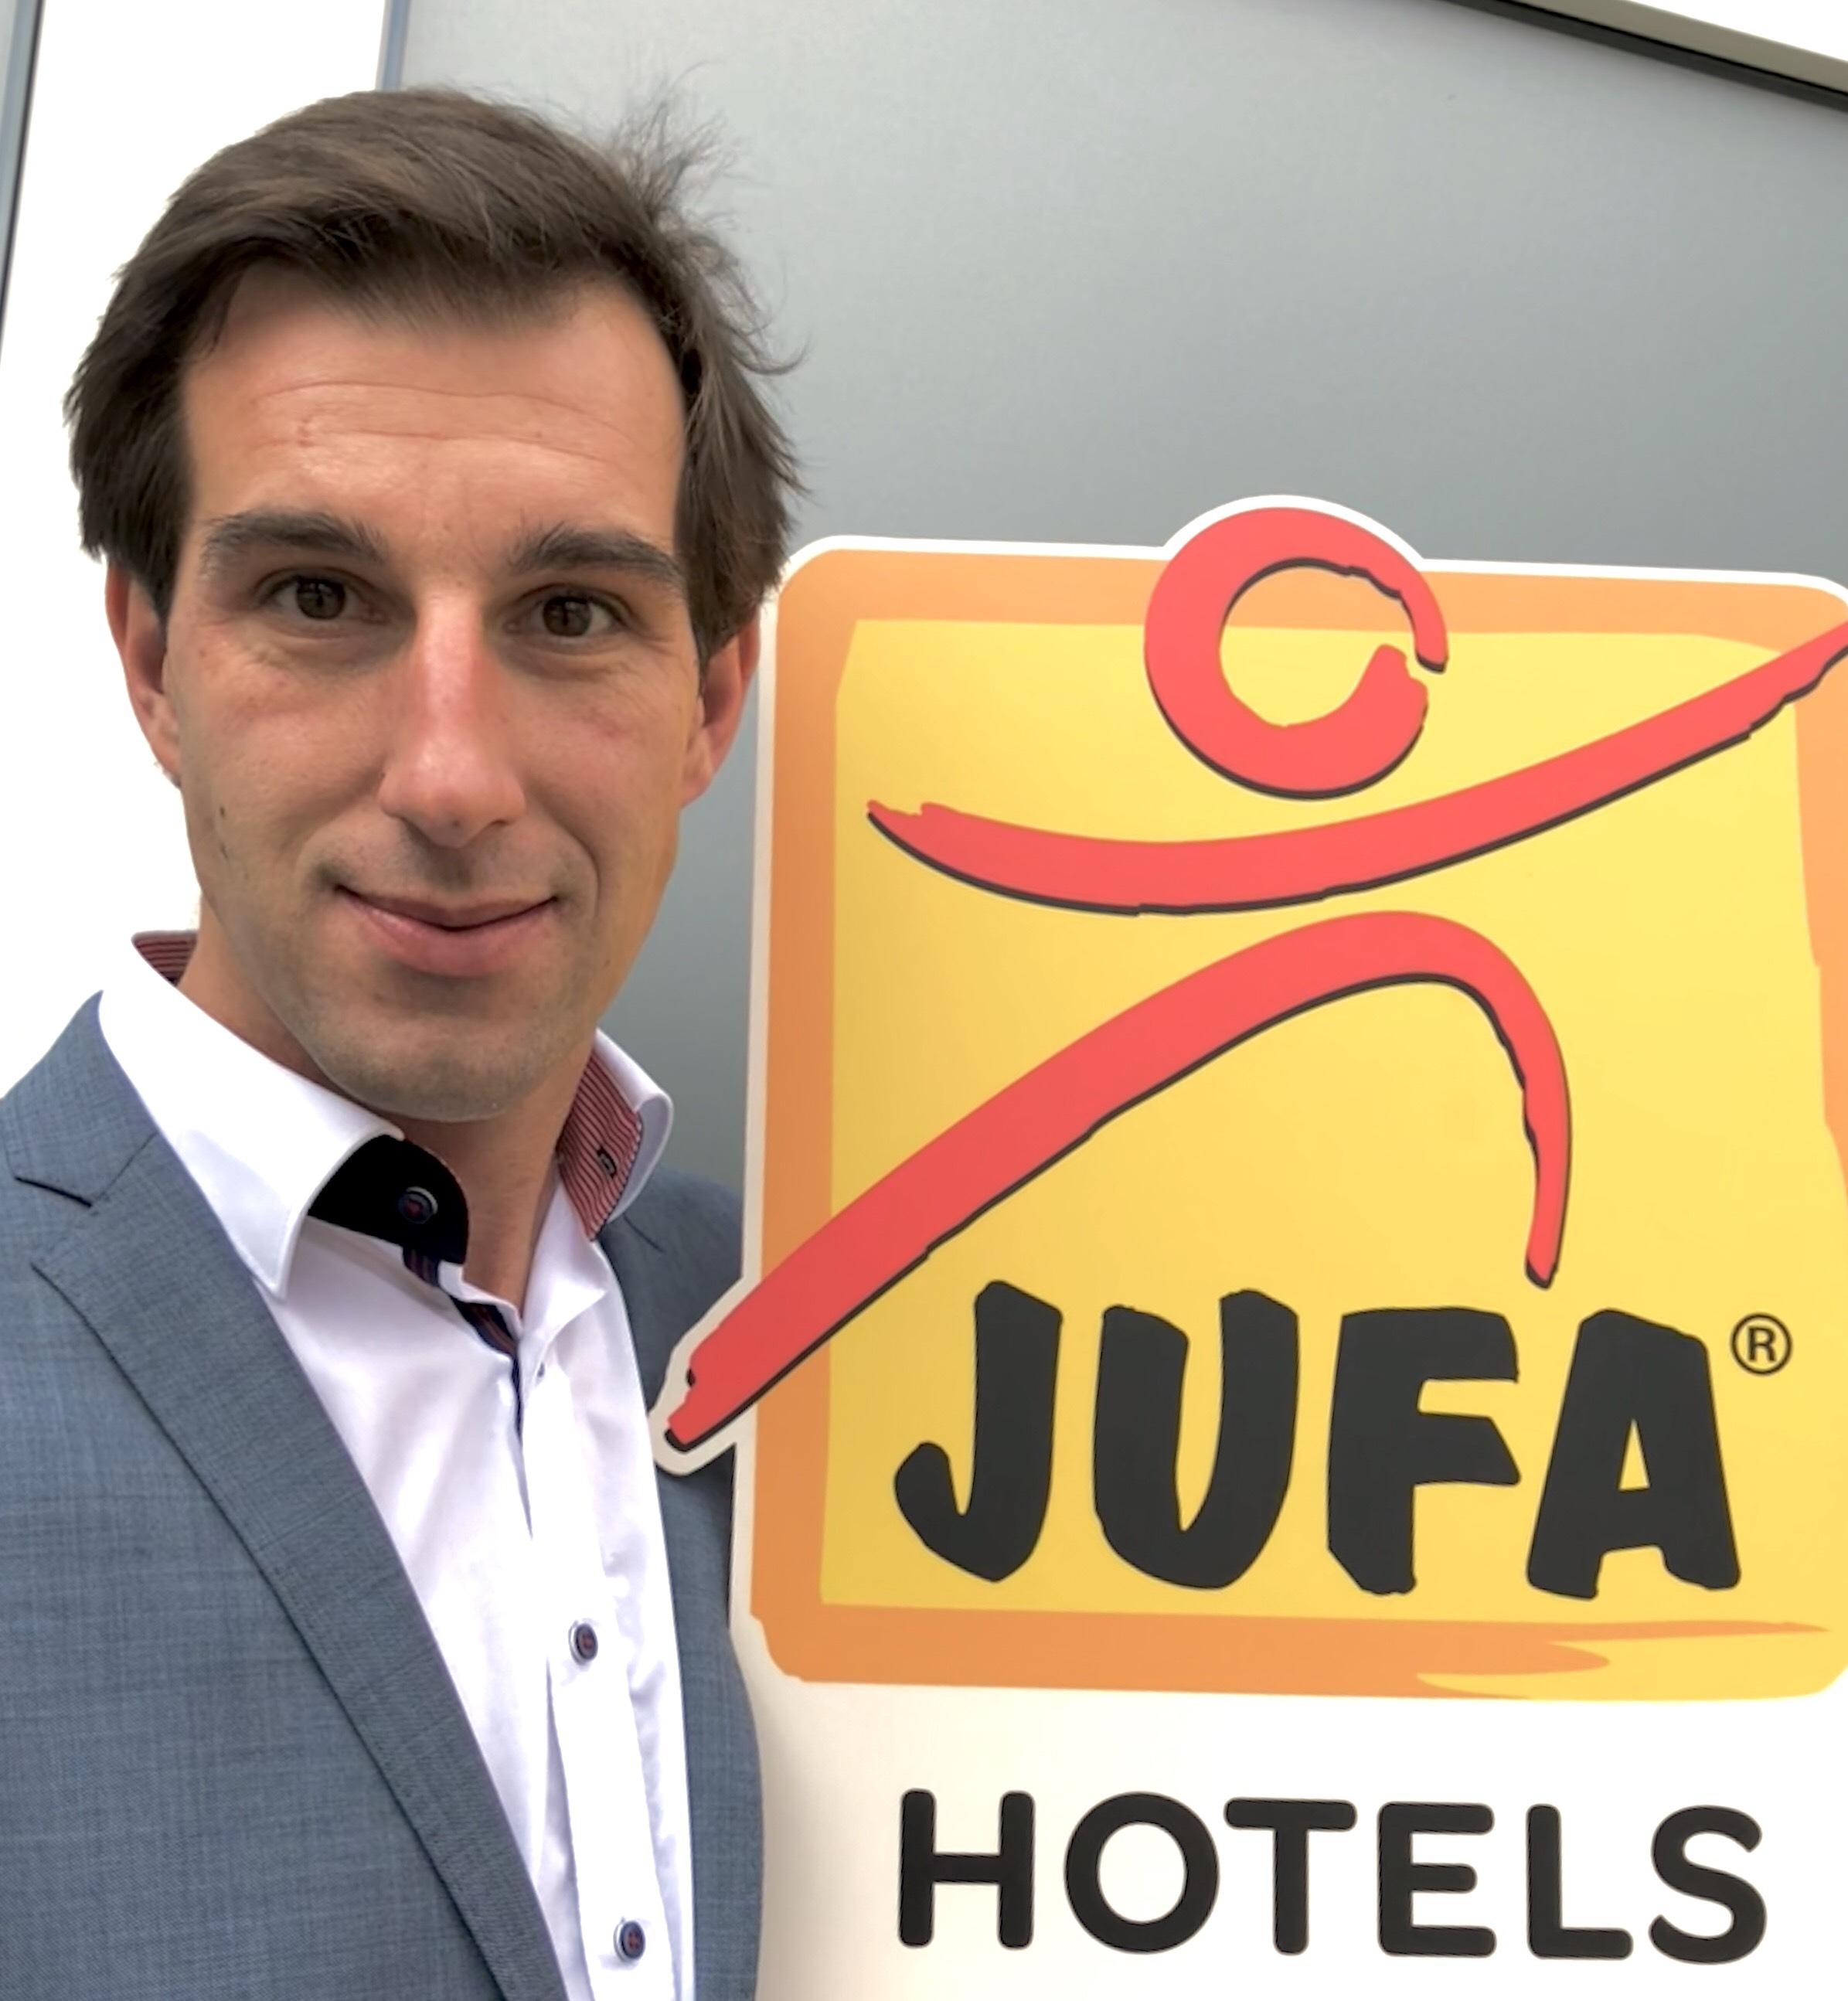 Sie sehen Martin Omann, Leiter Presse- und Öffentlichkeitsarbeit bei JUFA Hotels. Der Ort für kinderfreundlichen und erlebnisreichen Urlaub für die ganze Familie.